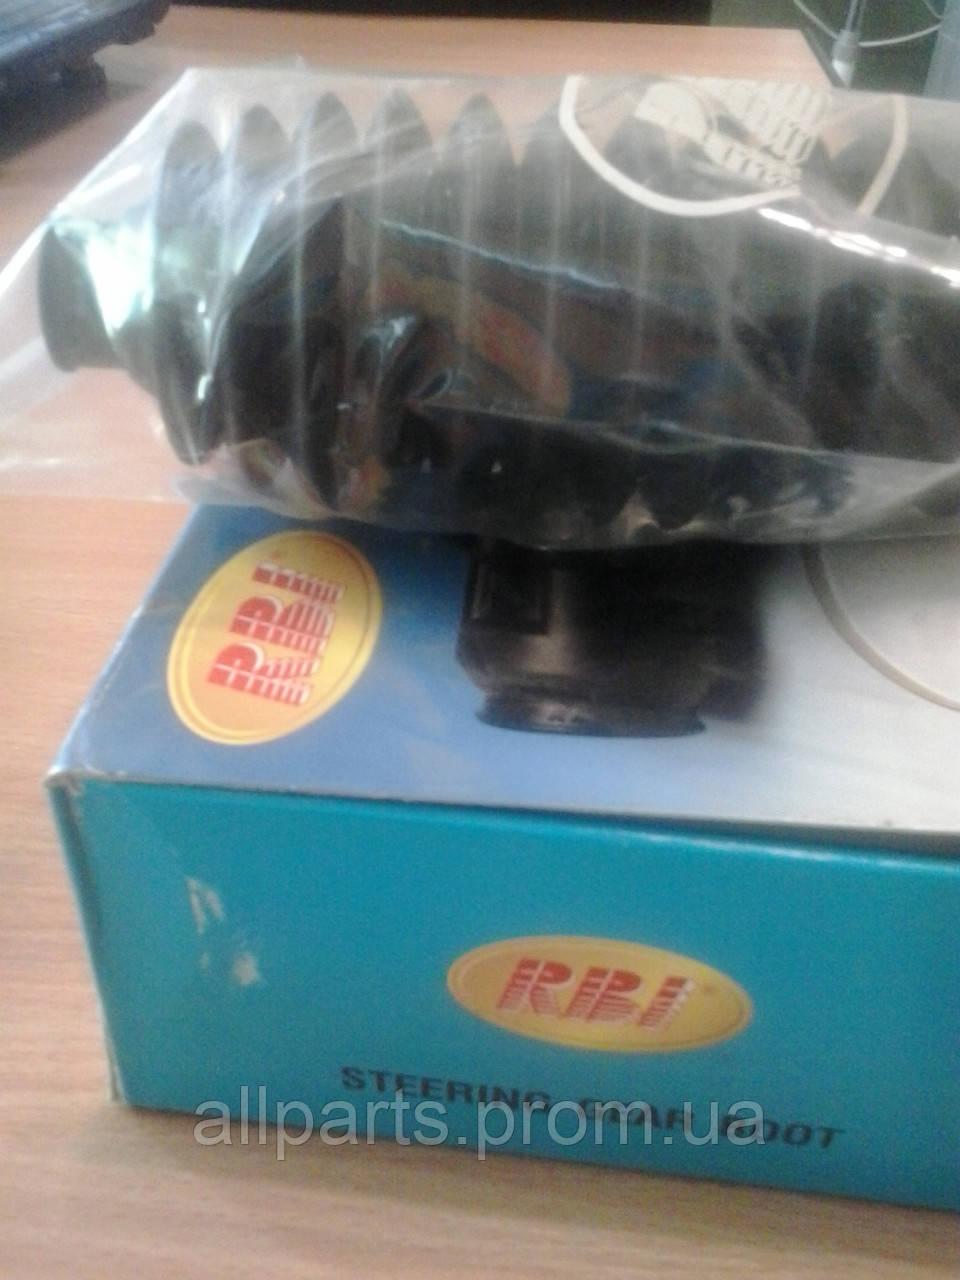 Пыльник рулевой рейки левый Nissan Almera N15 (95-00) производитель RBI (Таиланд)